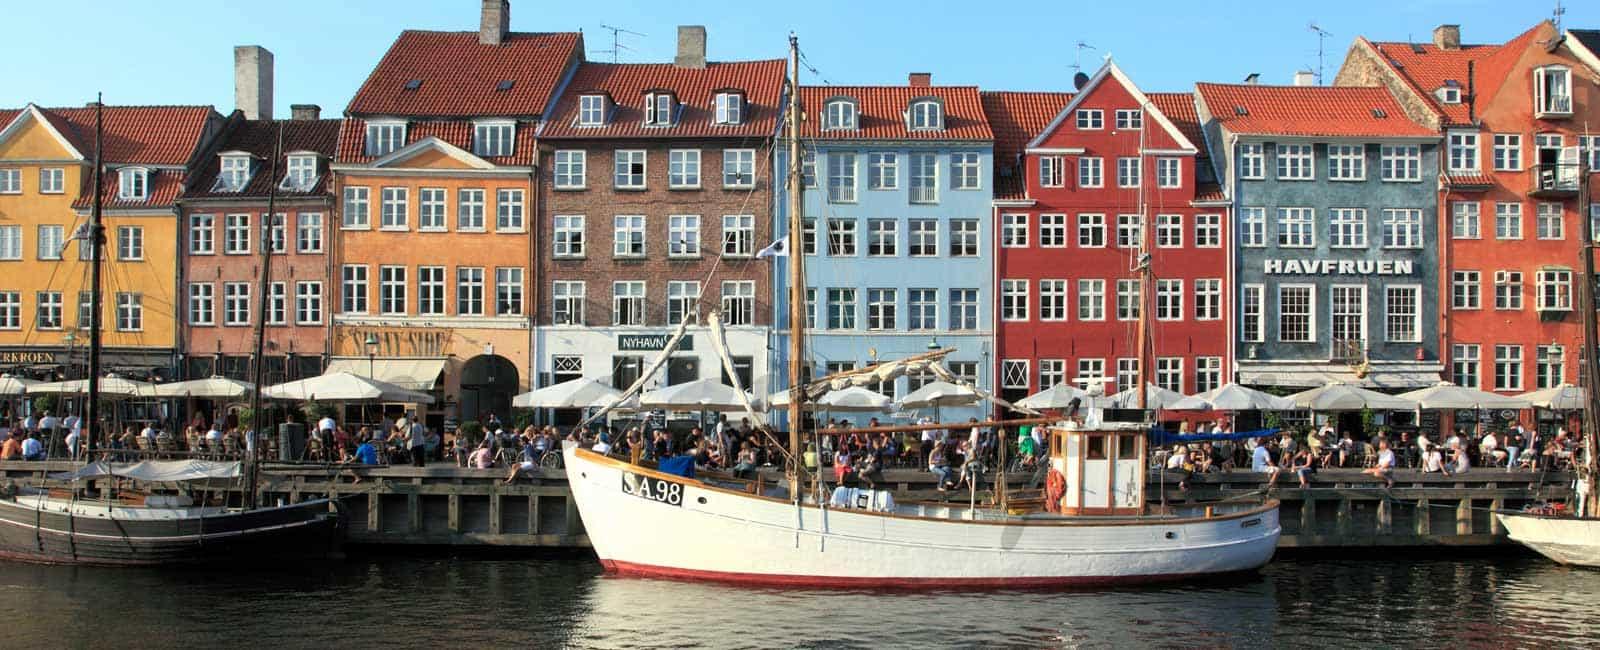 Copenhague, una ciudad de cuento – 2ª parte